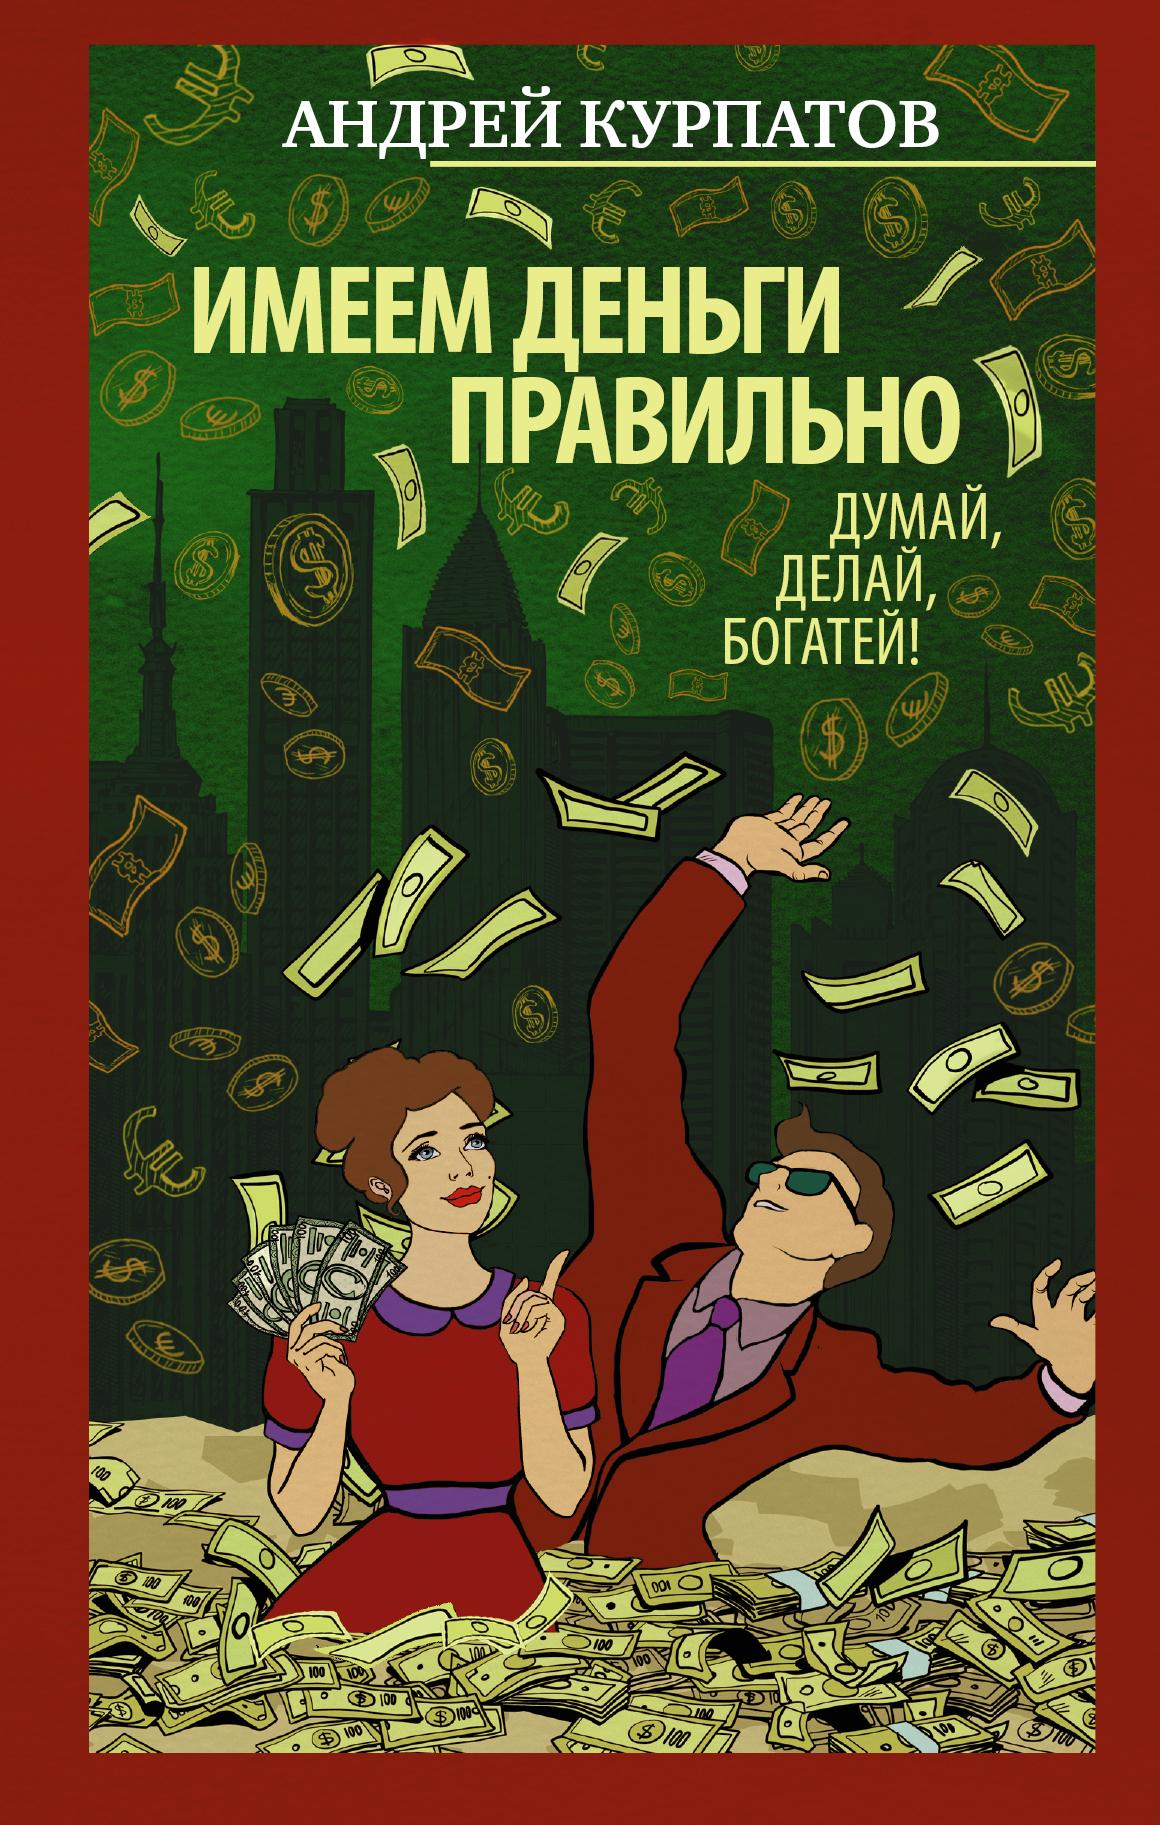 Андрей Курпатов Имеем деньги правильно. Думай, делай, богатей!